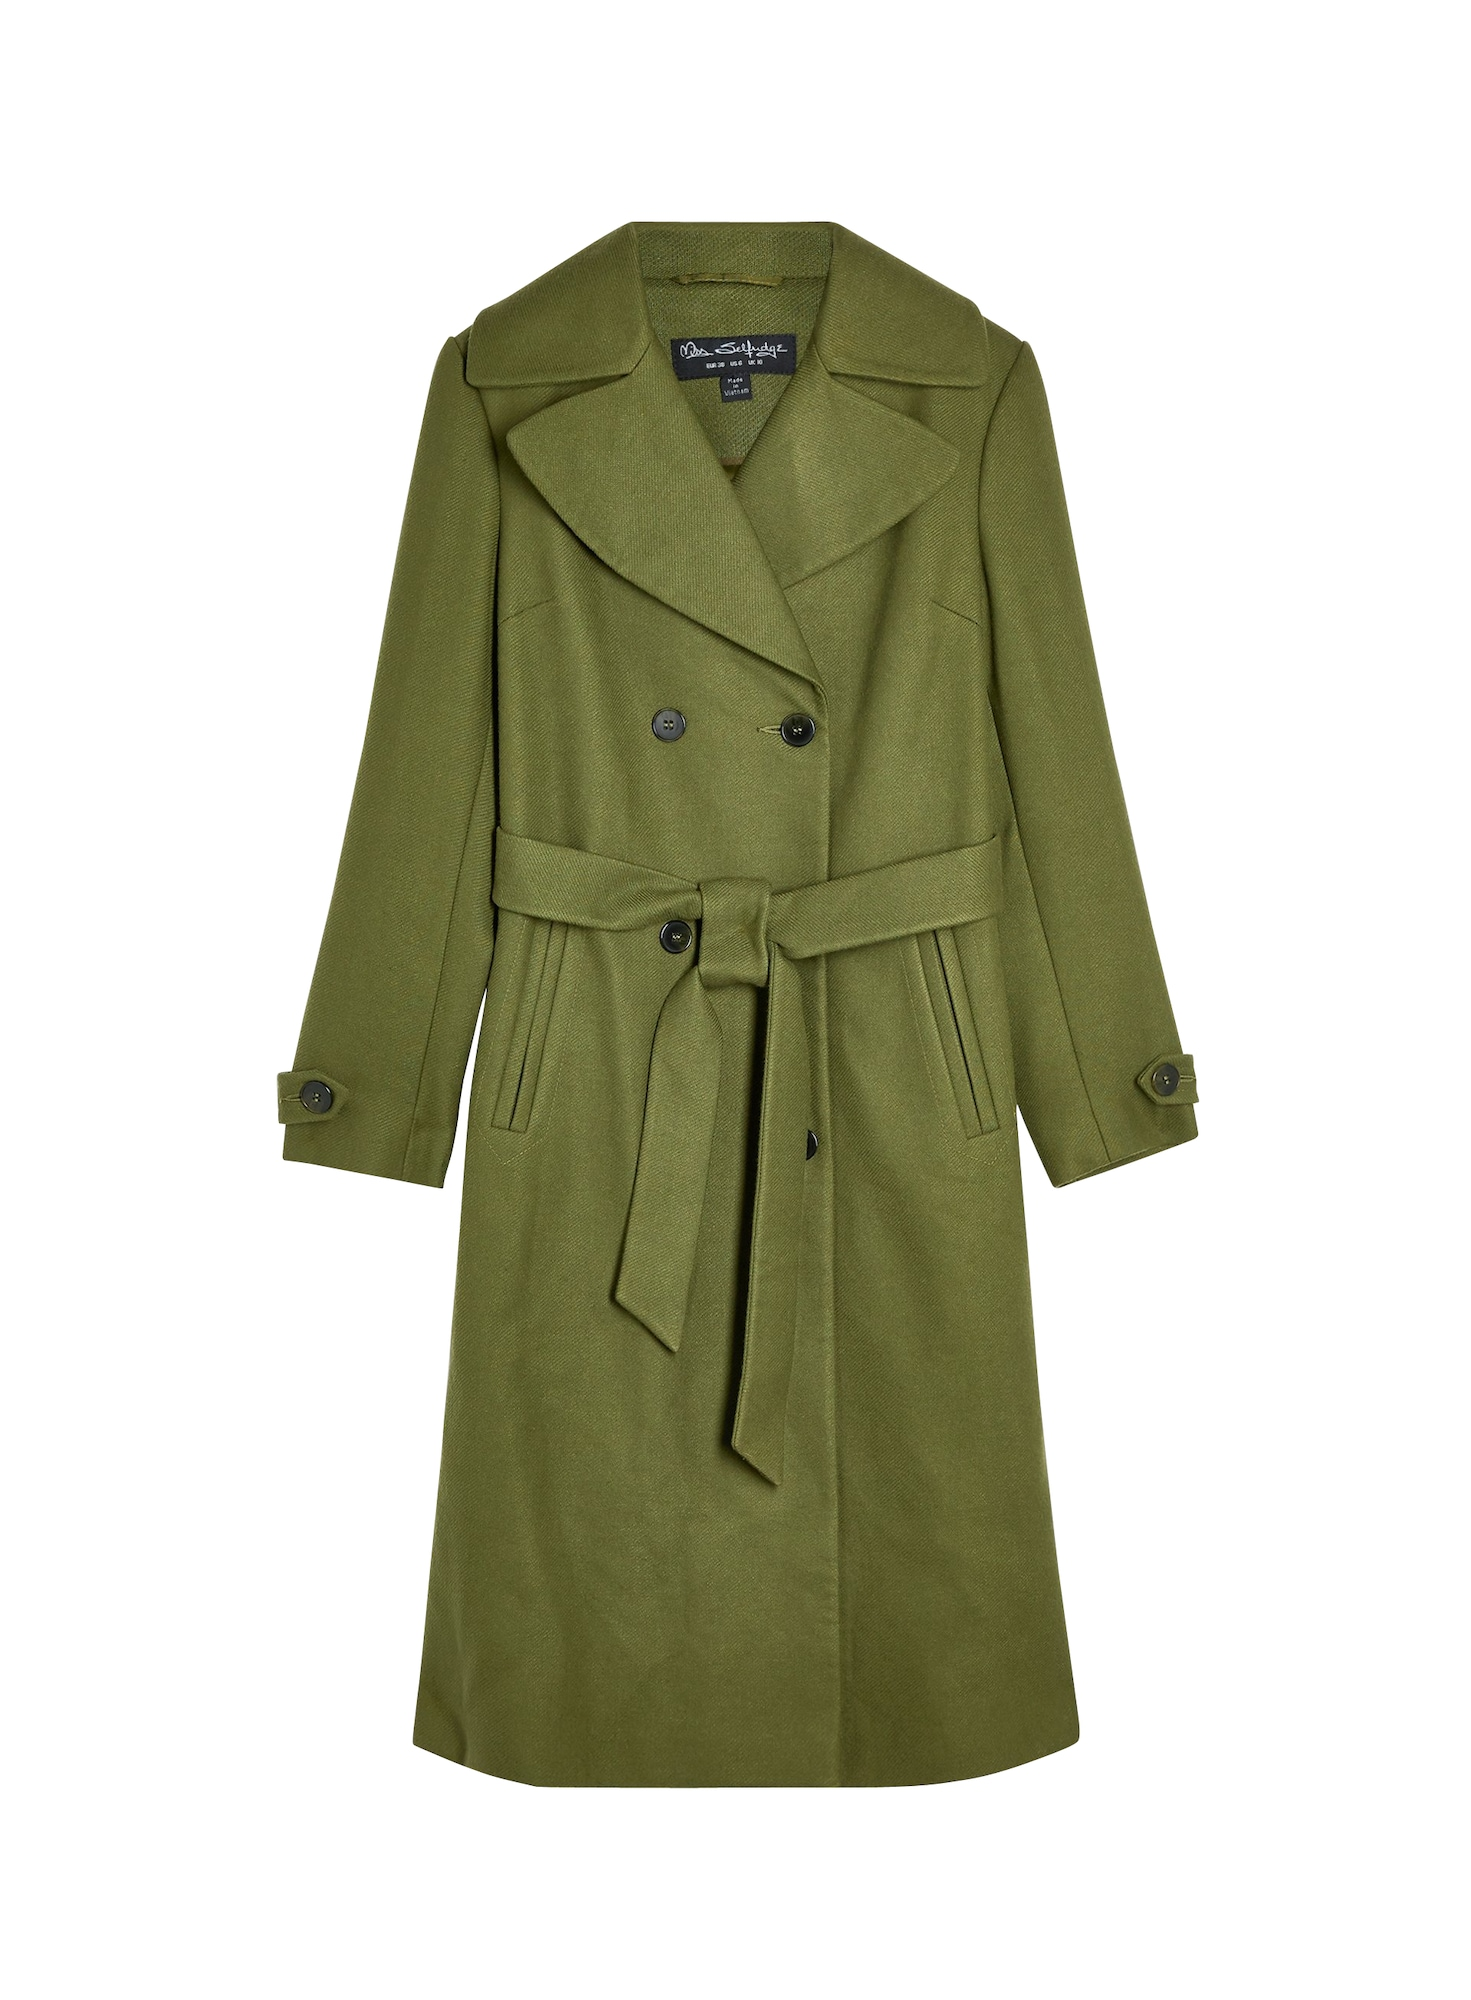 Miss Selfridge Rudeninis-žieminis paltas žalia